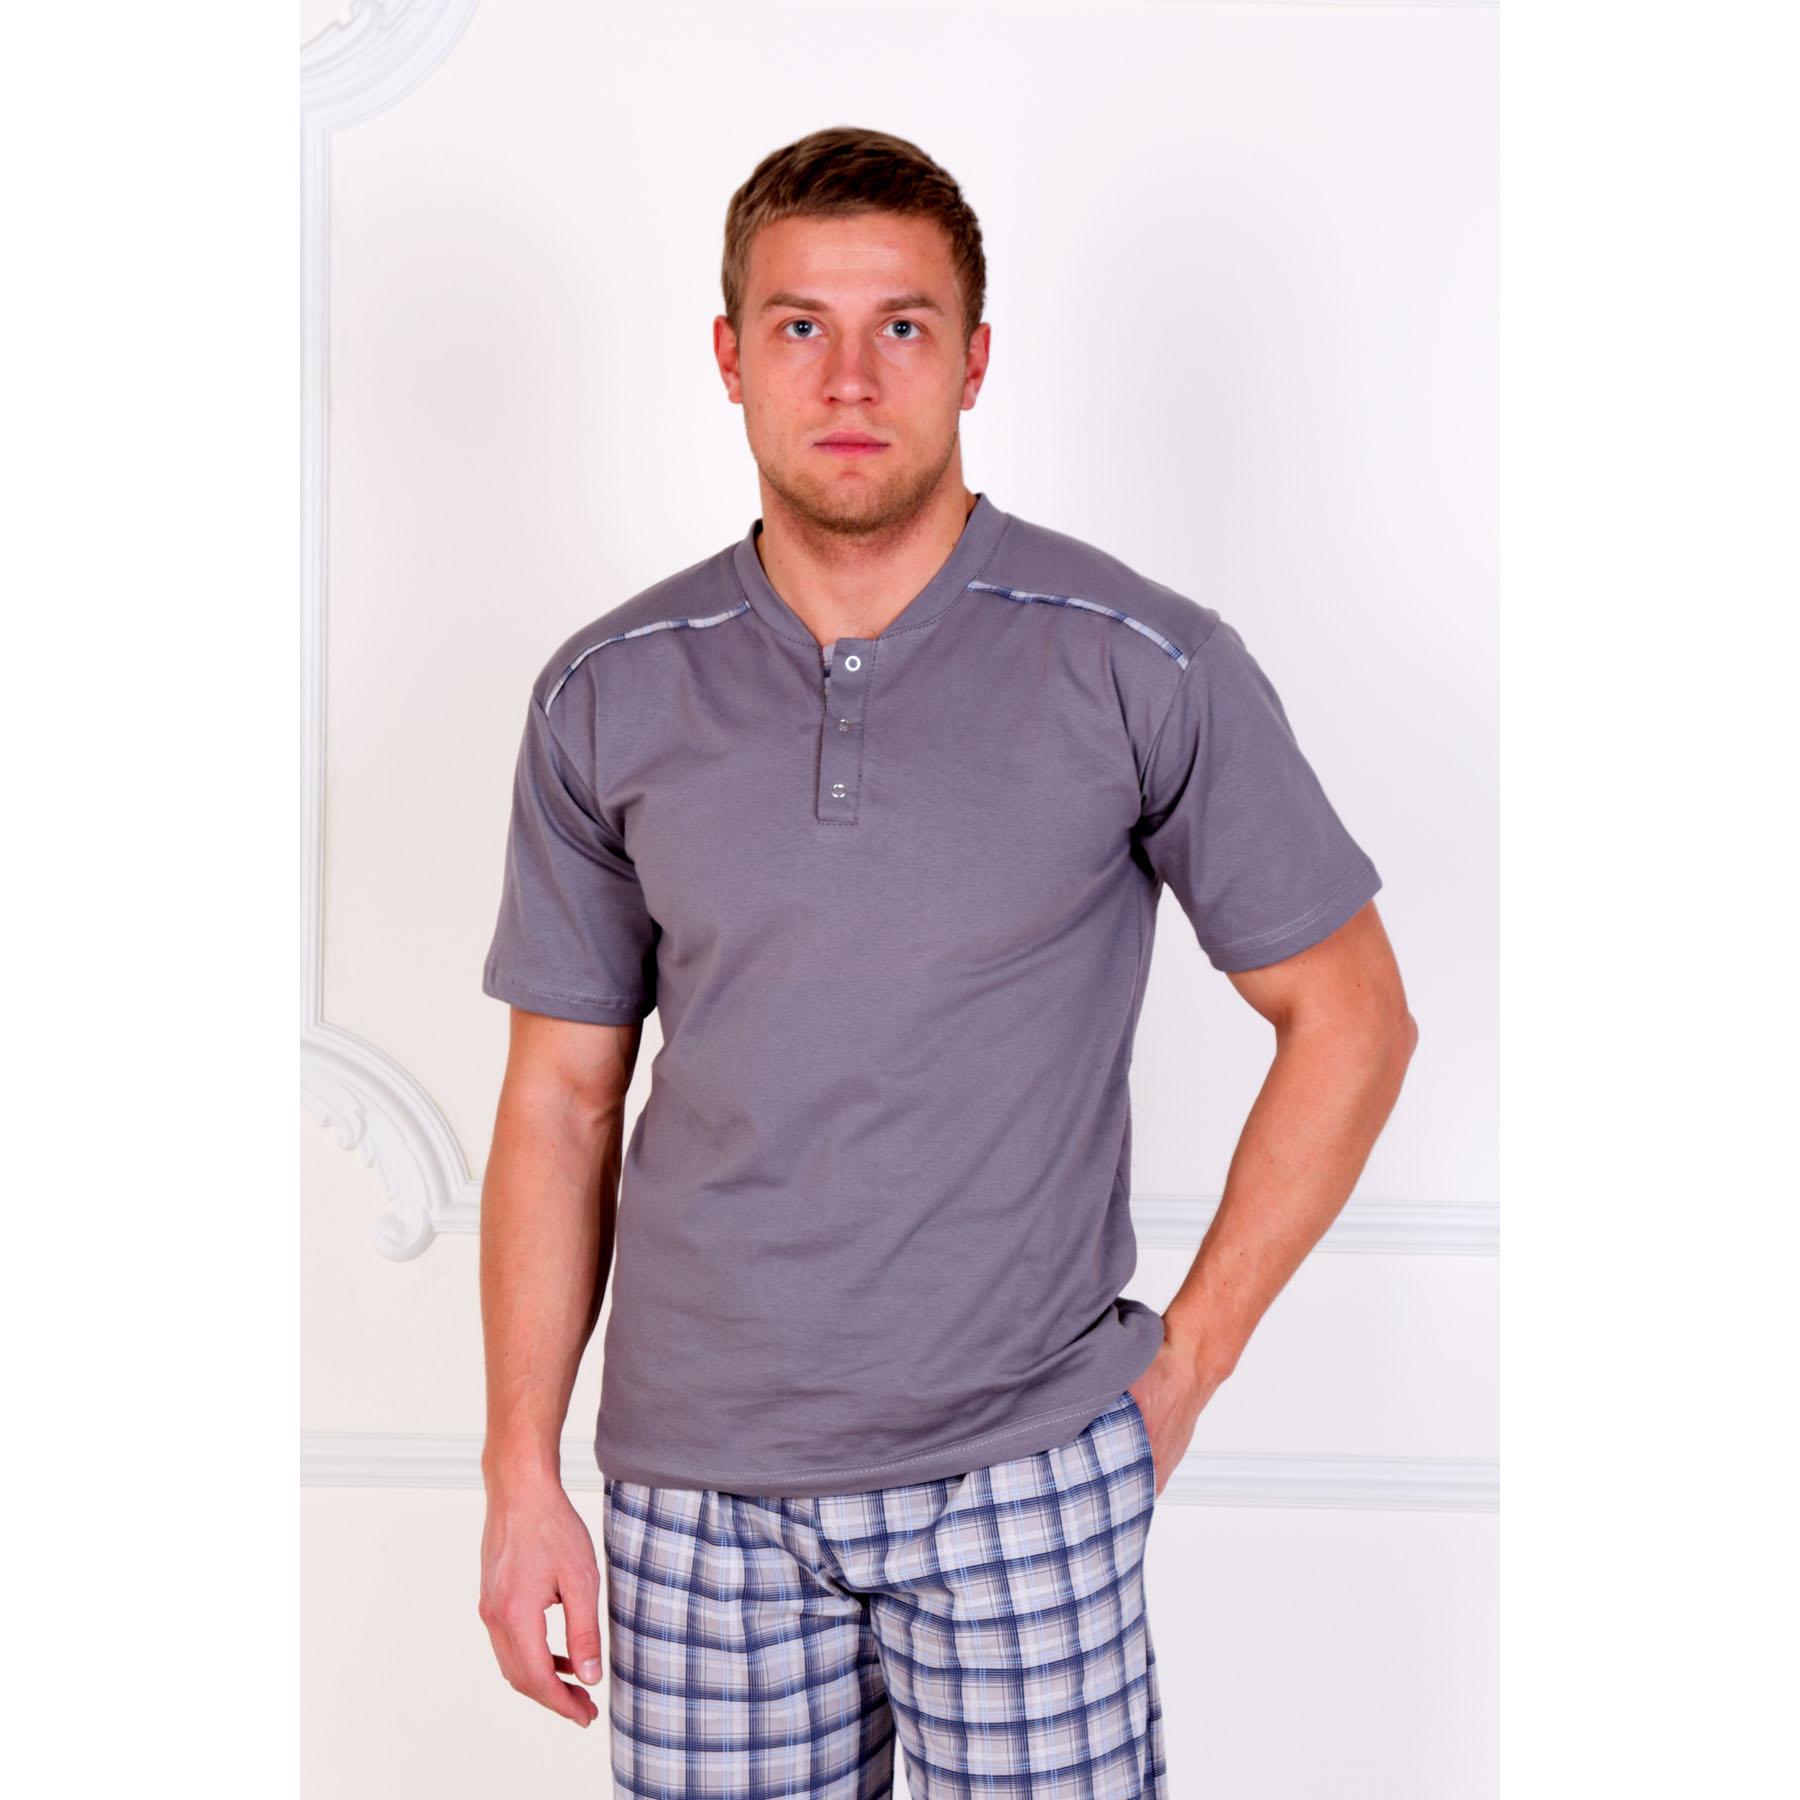 Мужской костюм Клетка Серый, размер 46Костюмы<br>Обхват груди:92 см<br>Обхват талии:84 см<br>Обхват бедер:100 см<br>Рост:172-180 см<br><br>Тип: Муж. костюм<br>Размер: 46<br>Материал: Кулирка